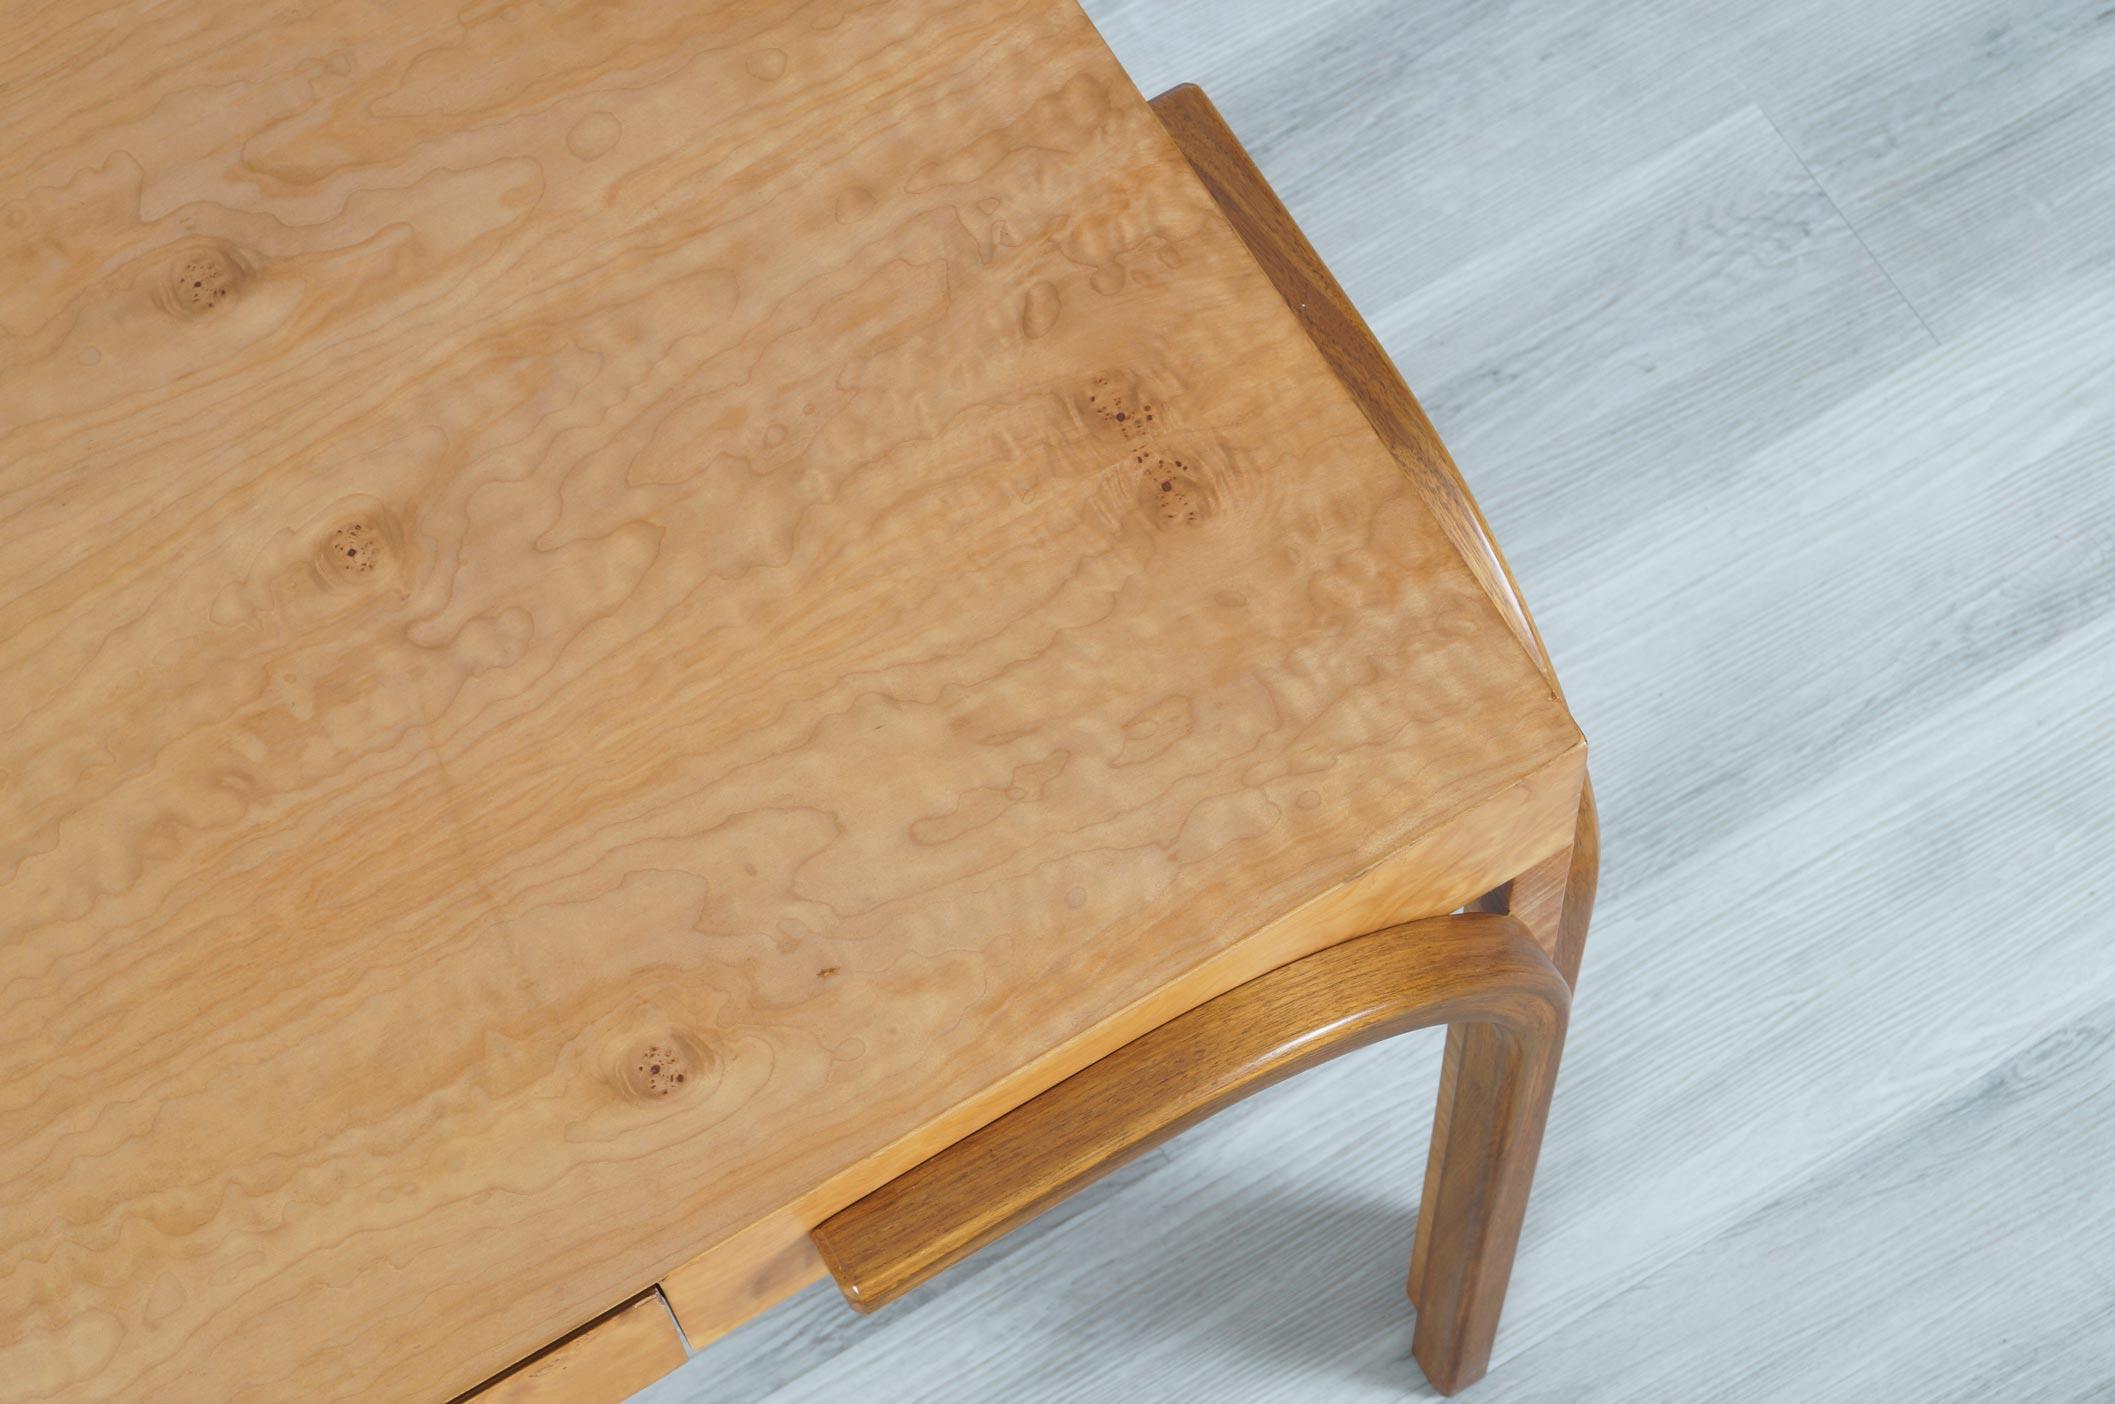 Vintage Burl Wood Desk or Vanity